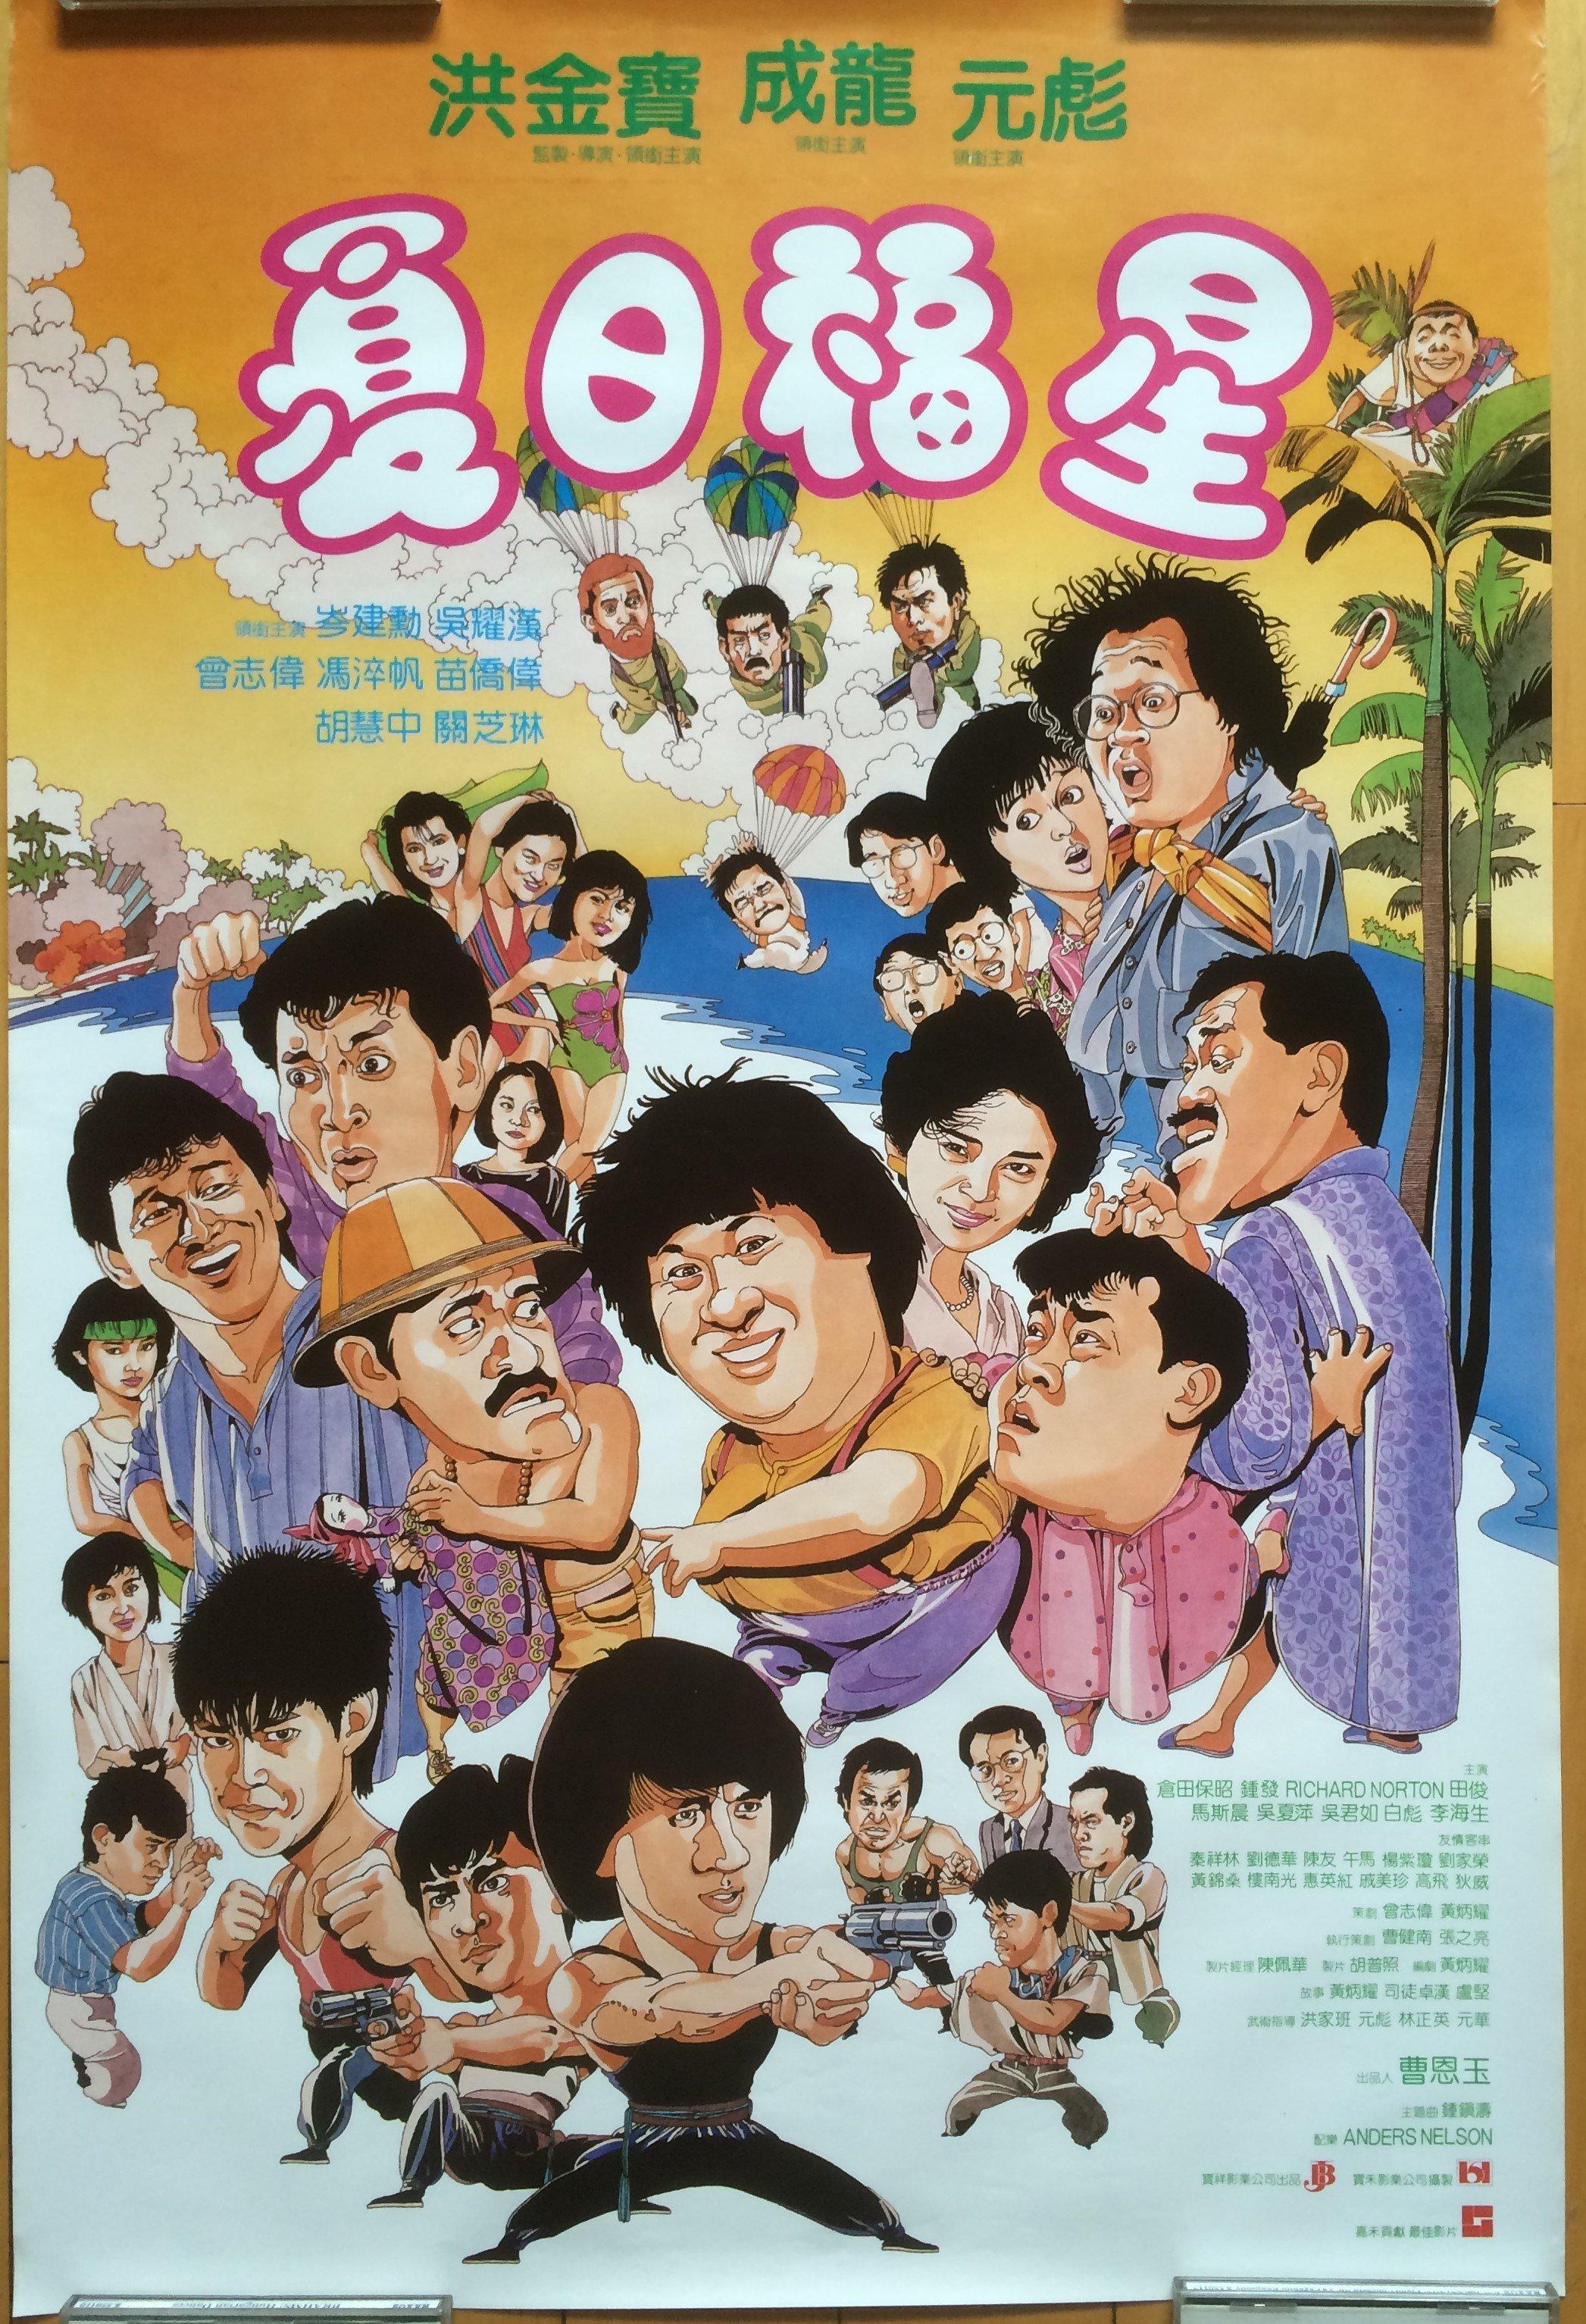 夏日福星- 成龍、元彪、洪金寶、曾志偉、秦祥林、關之琳- 香港 手繪電影海報(1985年)